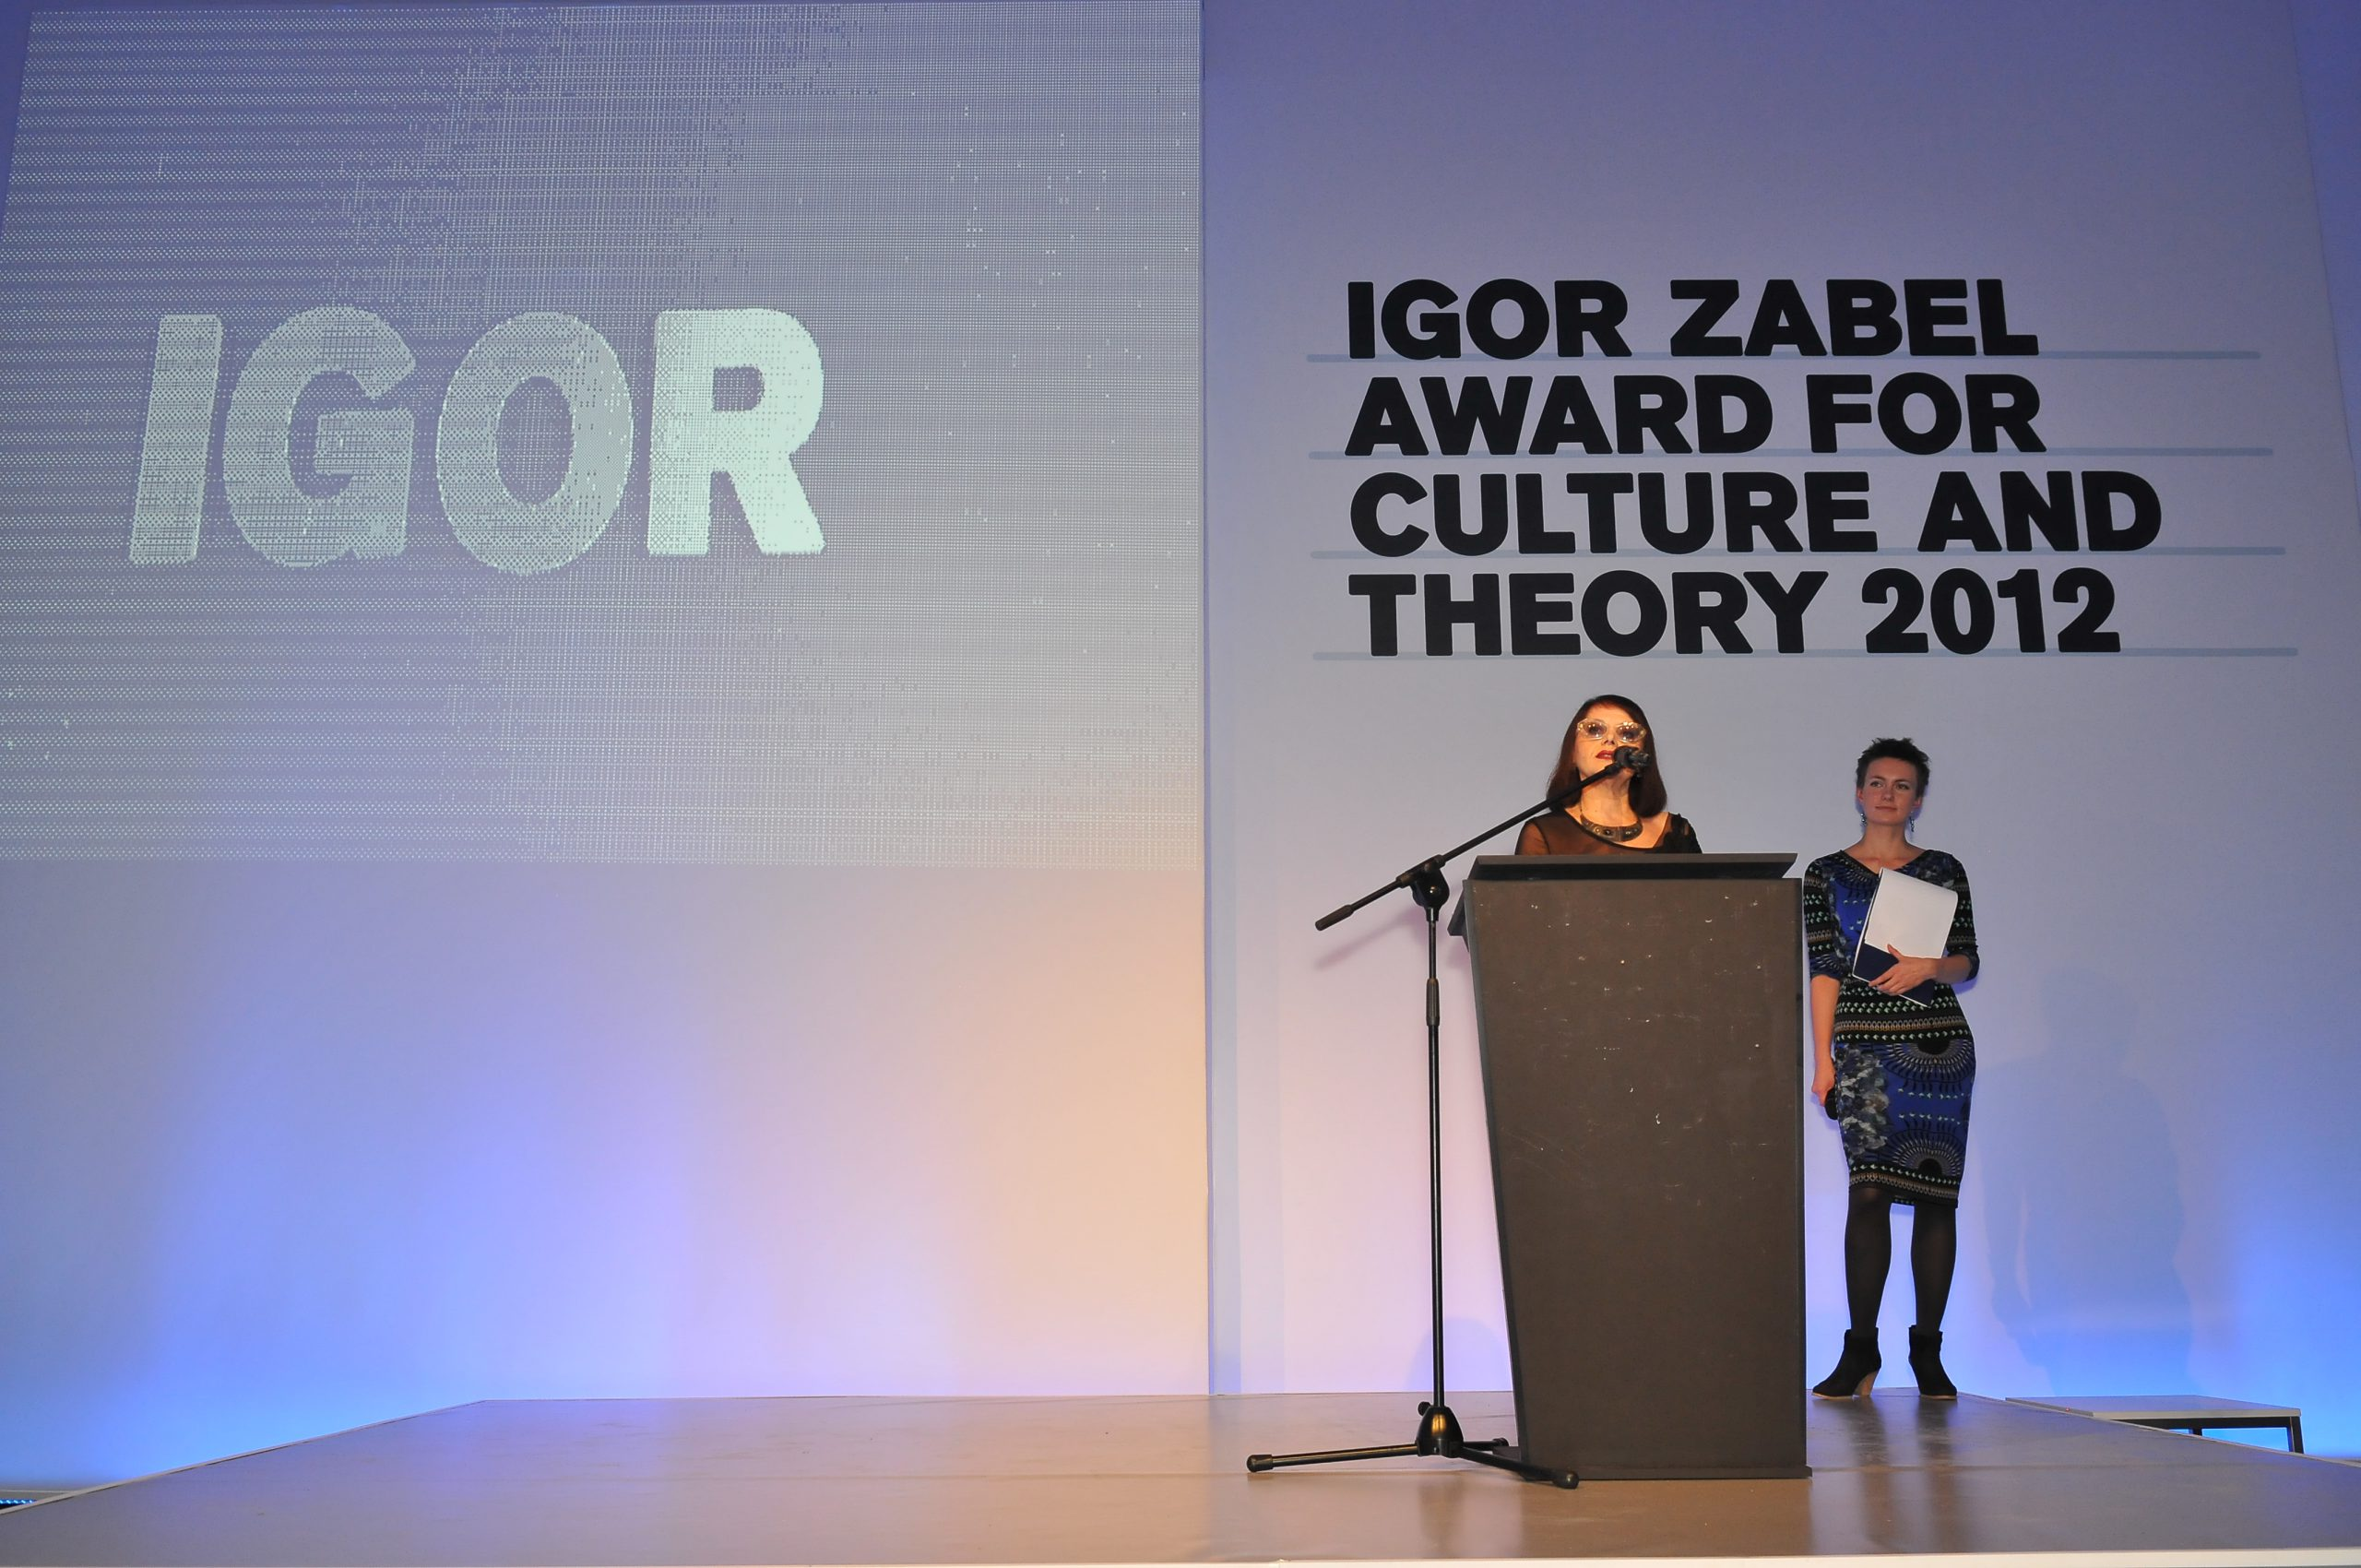 Suzana Milevska, winner of the Igor Zabel Award for Culture and Theory 2012. Photo: Marek Krzyzanek